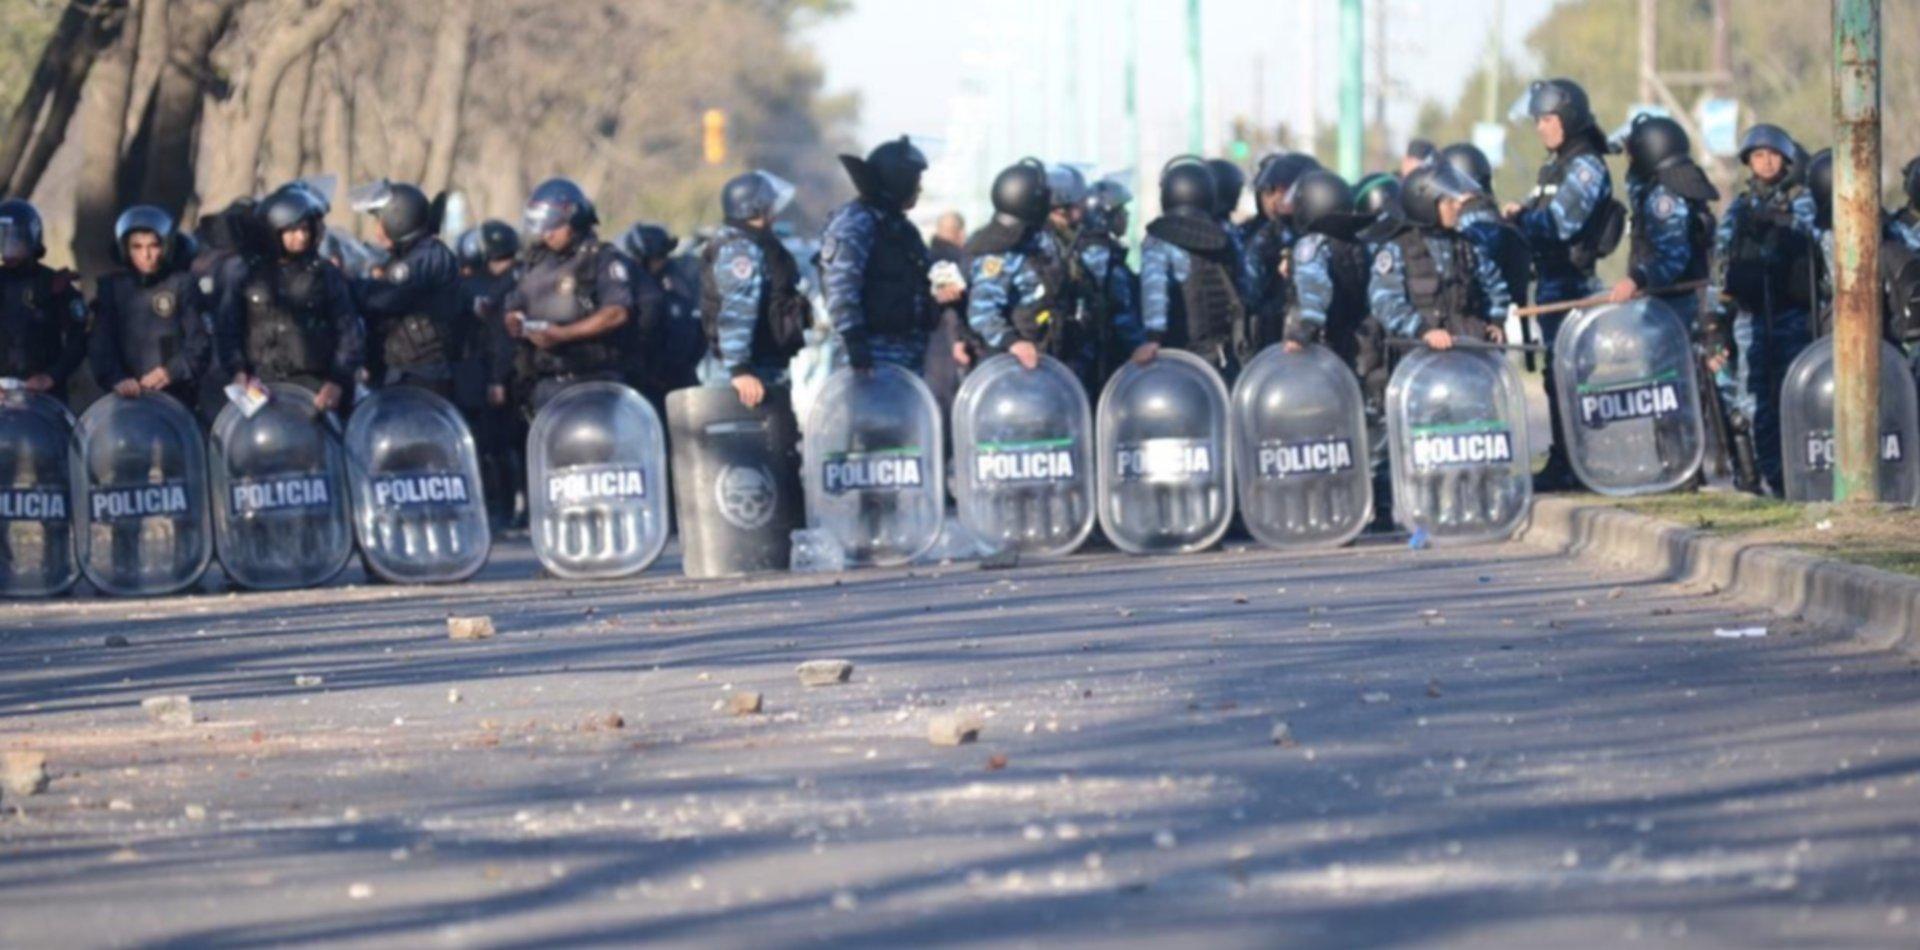 VIDEO: Así se vivieron los violentos enfrentamientos entre policías y trabajadores de la UOCRA